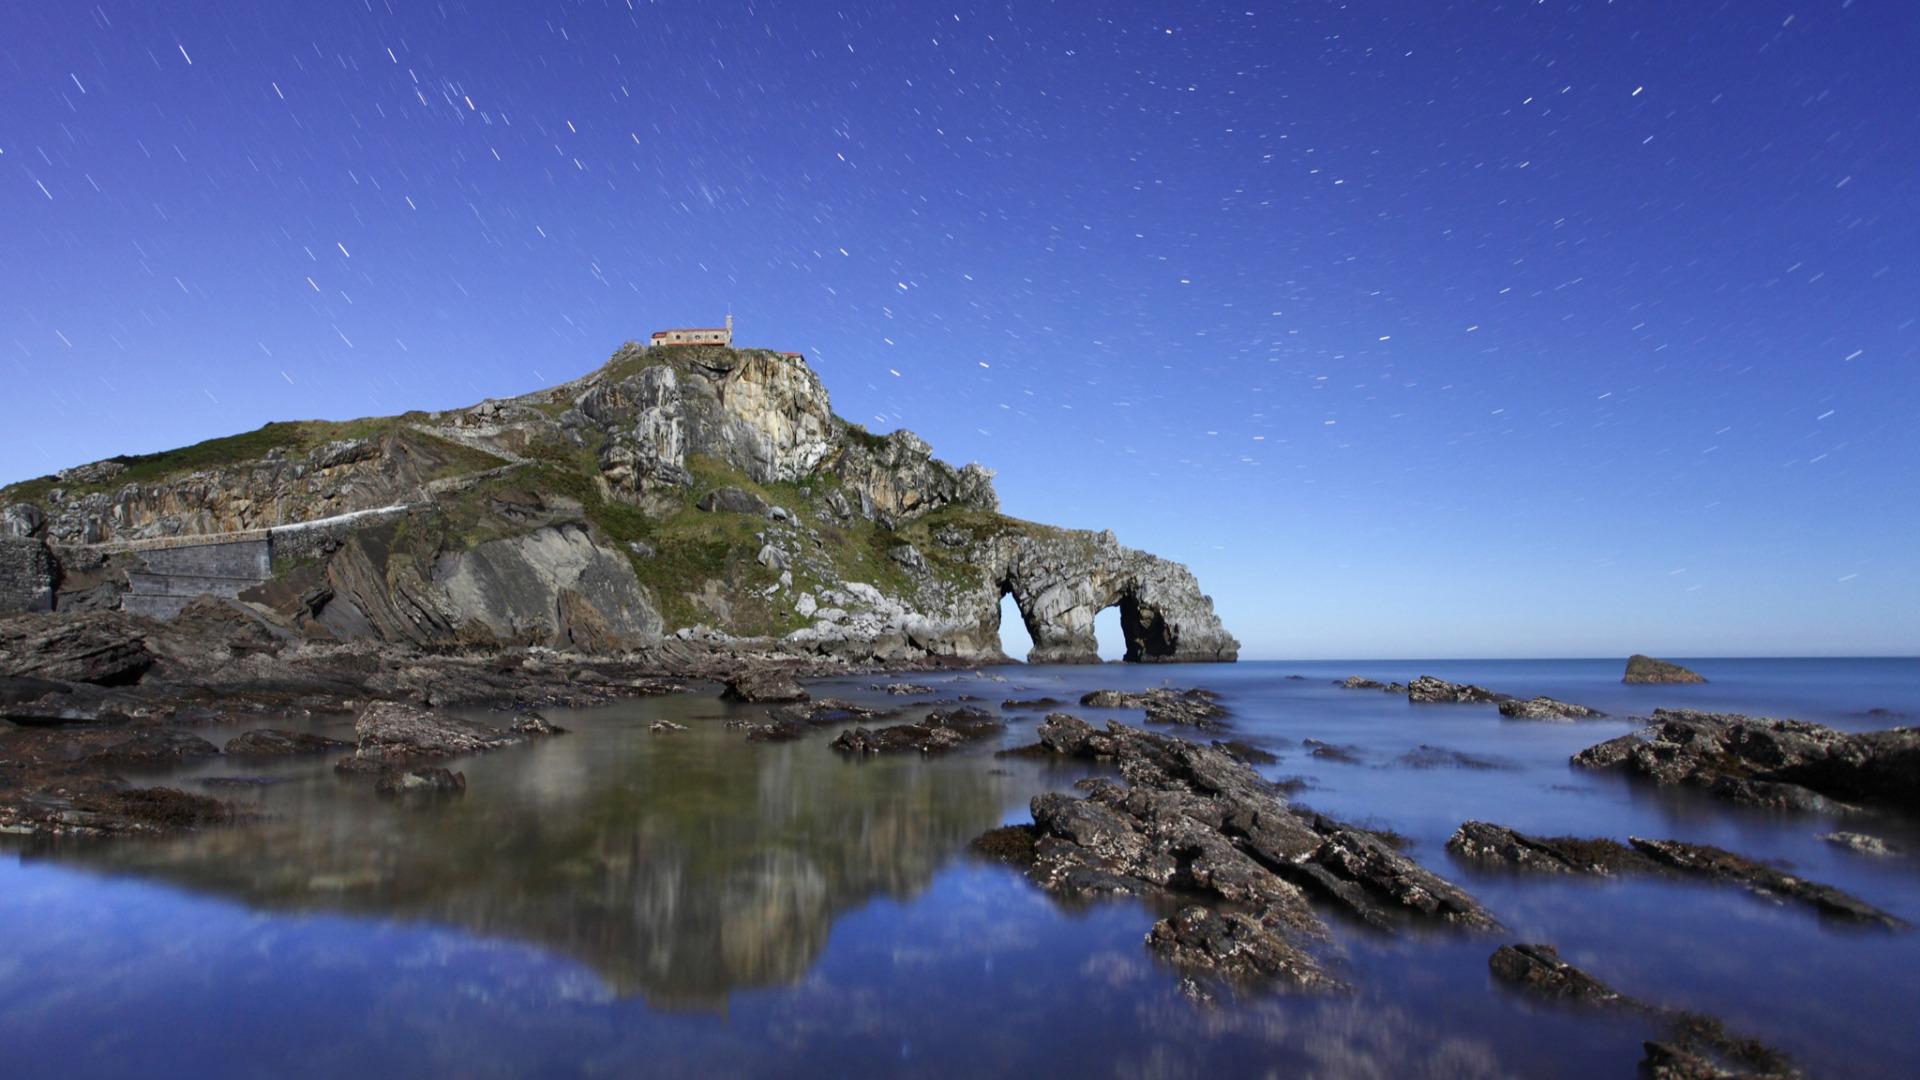 арка скалы море небо  № 2841927 бесплатно